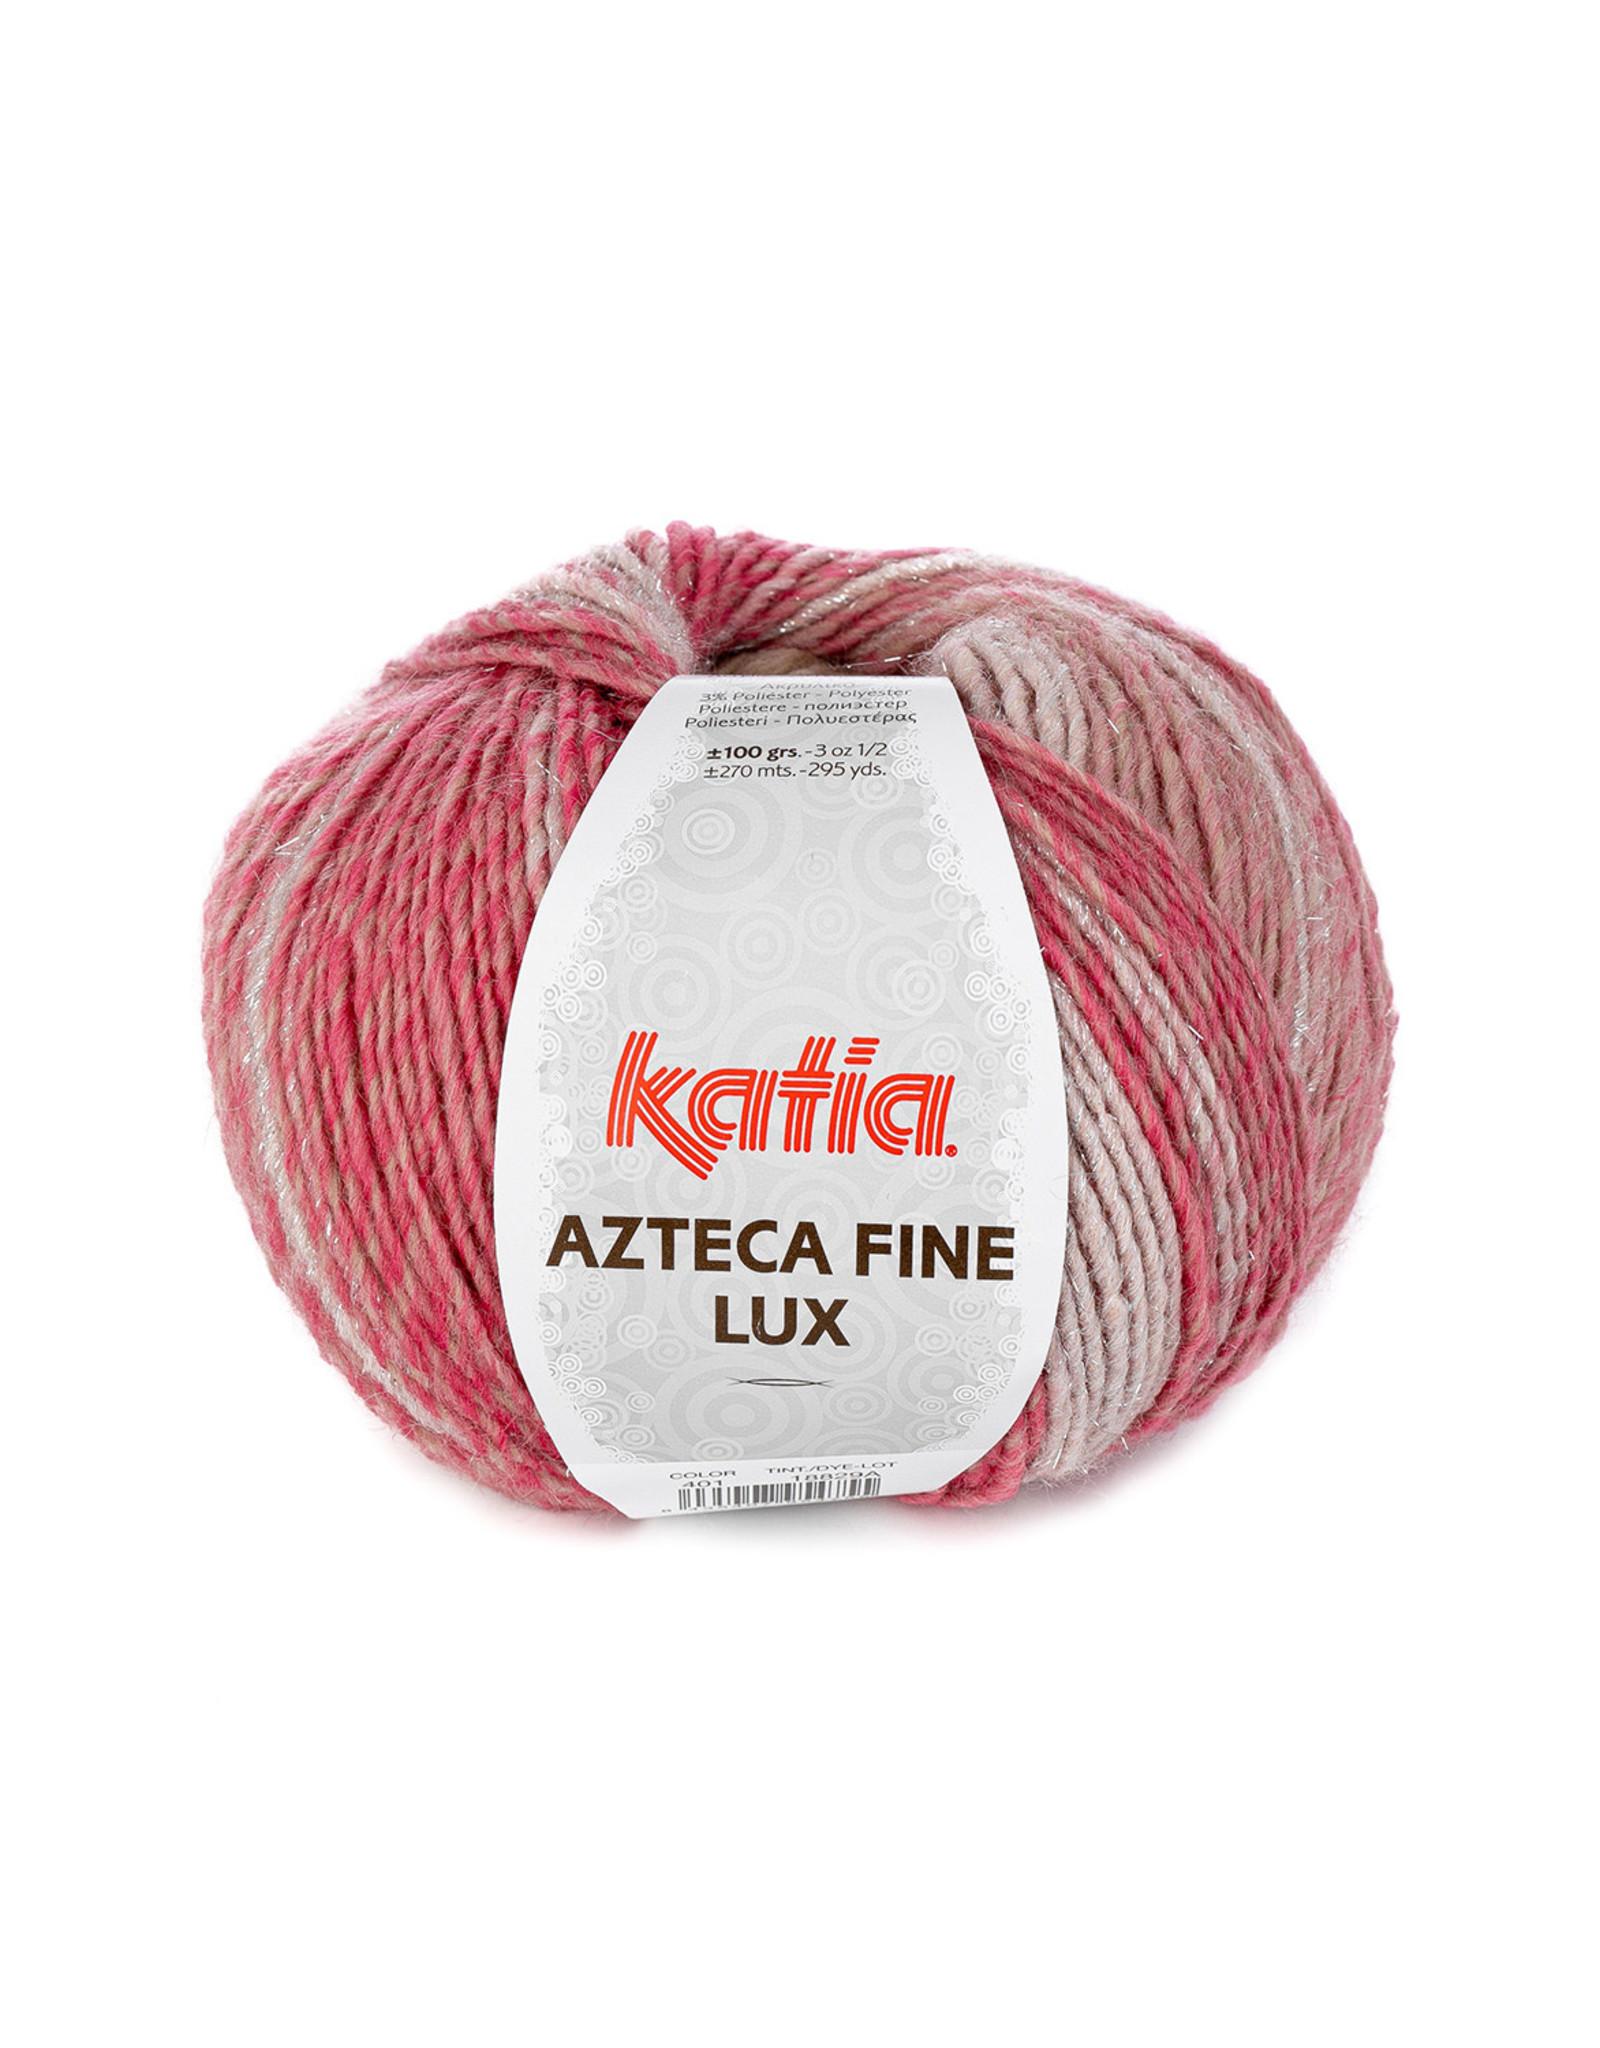 Katia Azteca Fine Lux